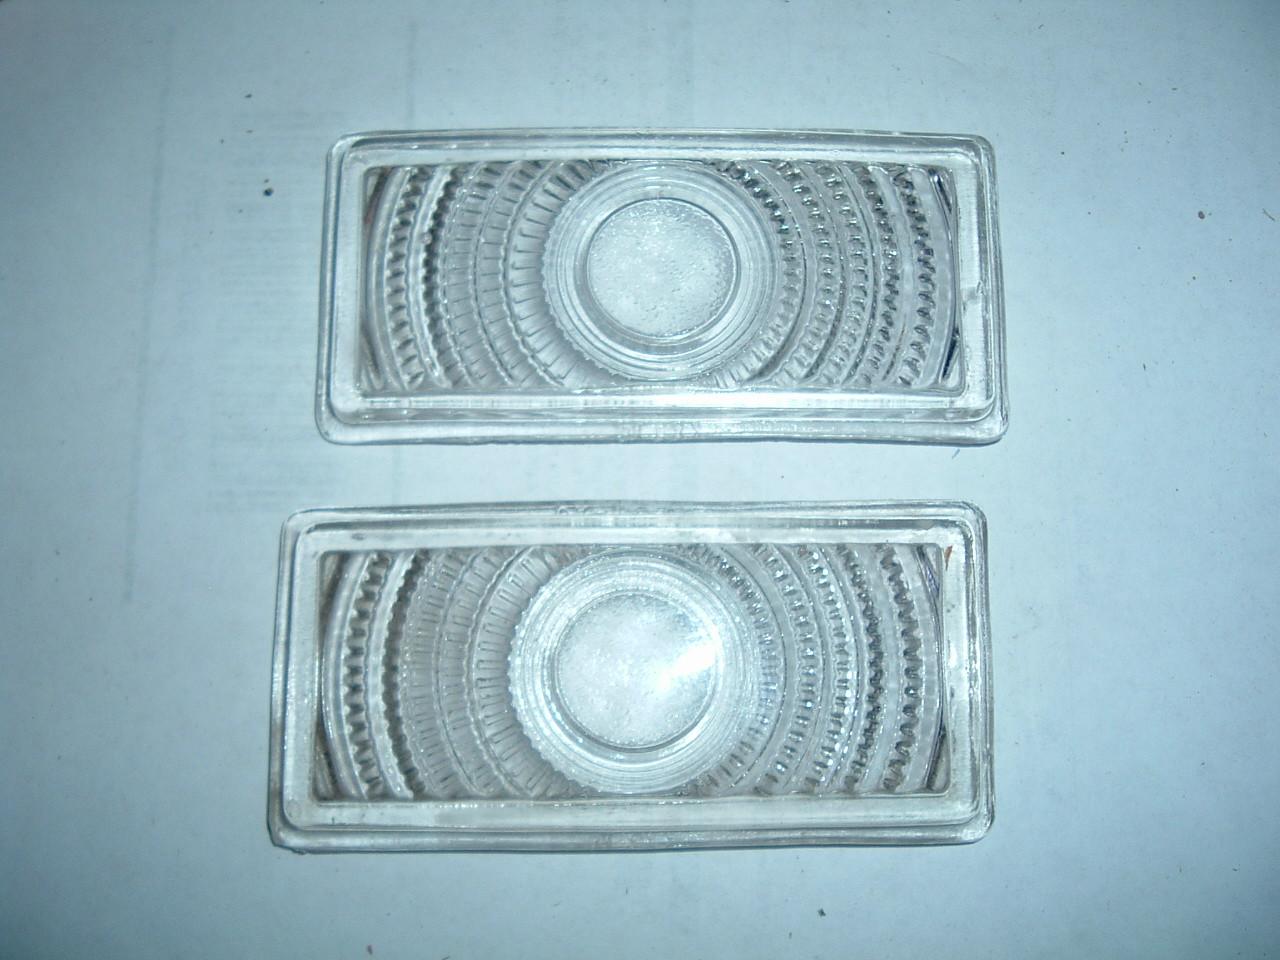 1950 ford park light /turn signal lens glass new pr OA-13208 (z oa13208)